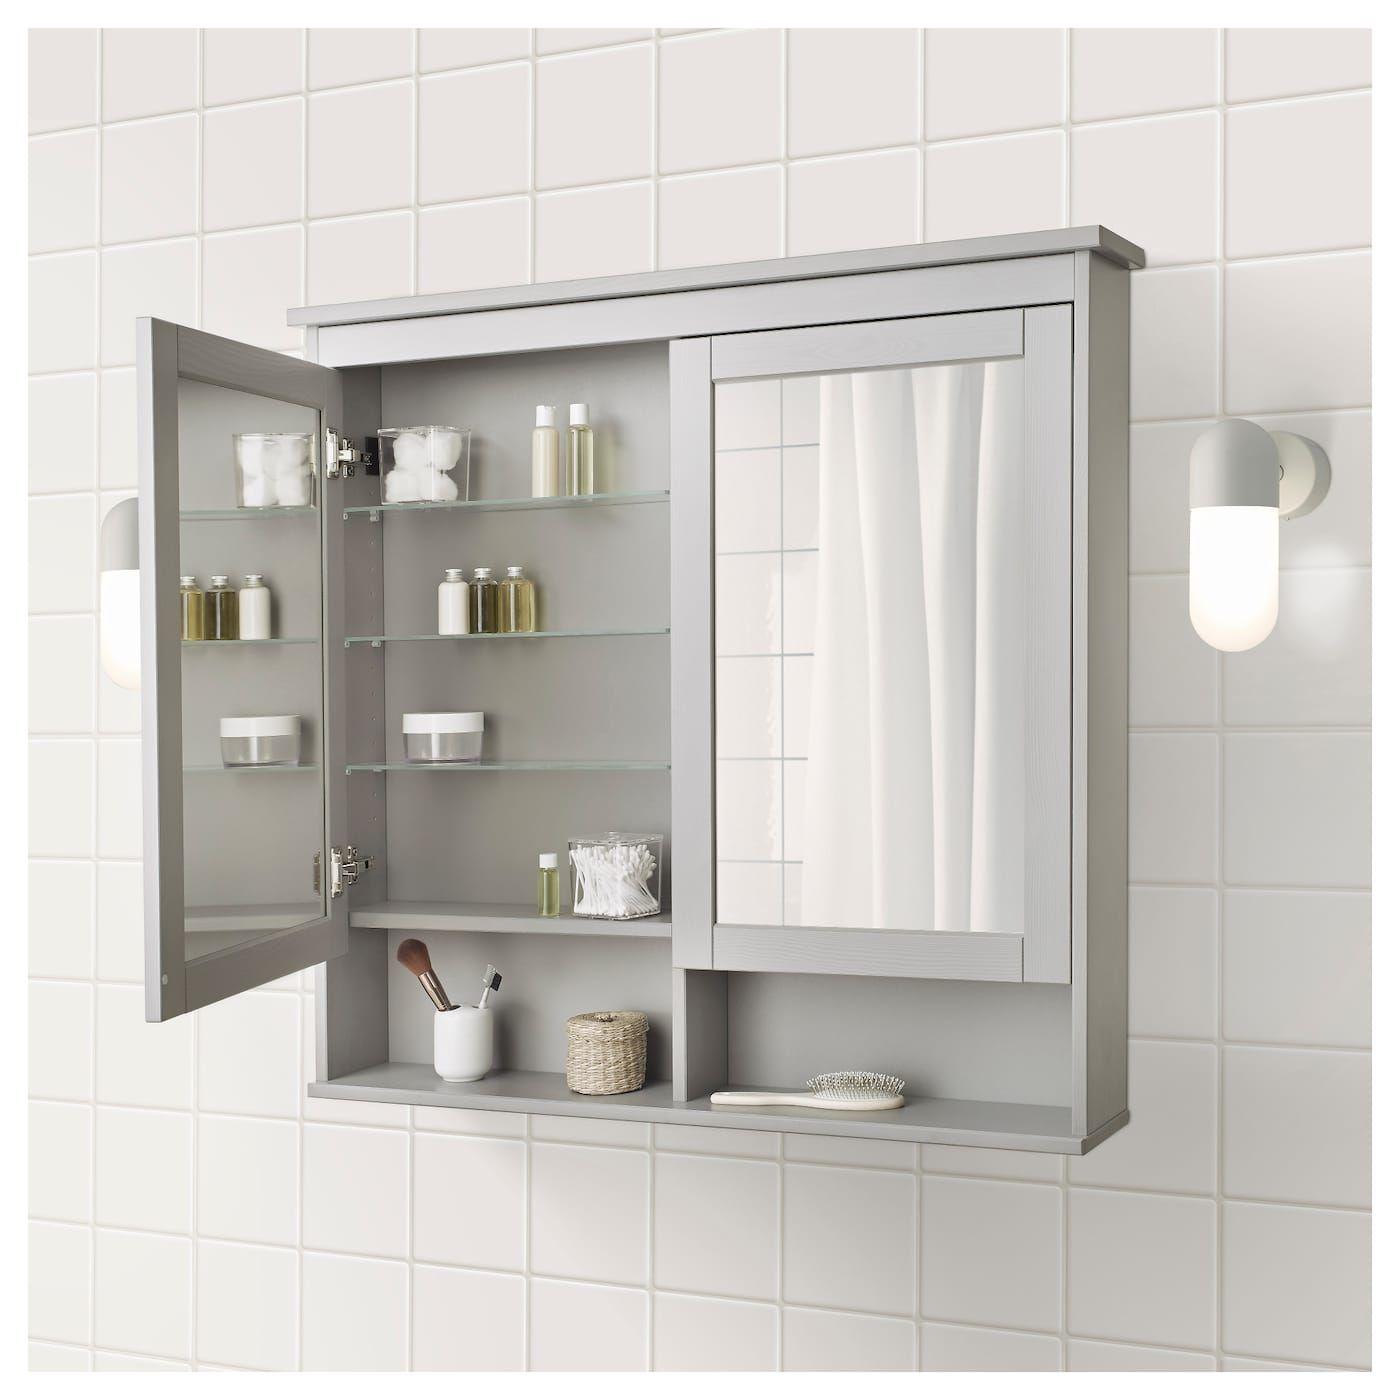 Hemnes Spiegelschrank 2 Turen Grau Spiegelschrank